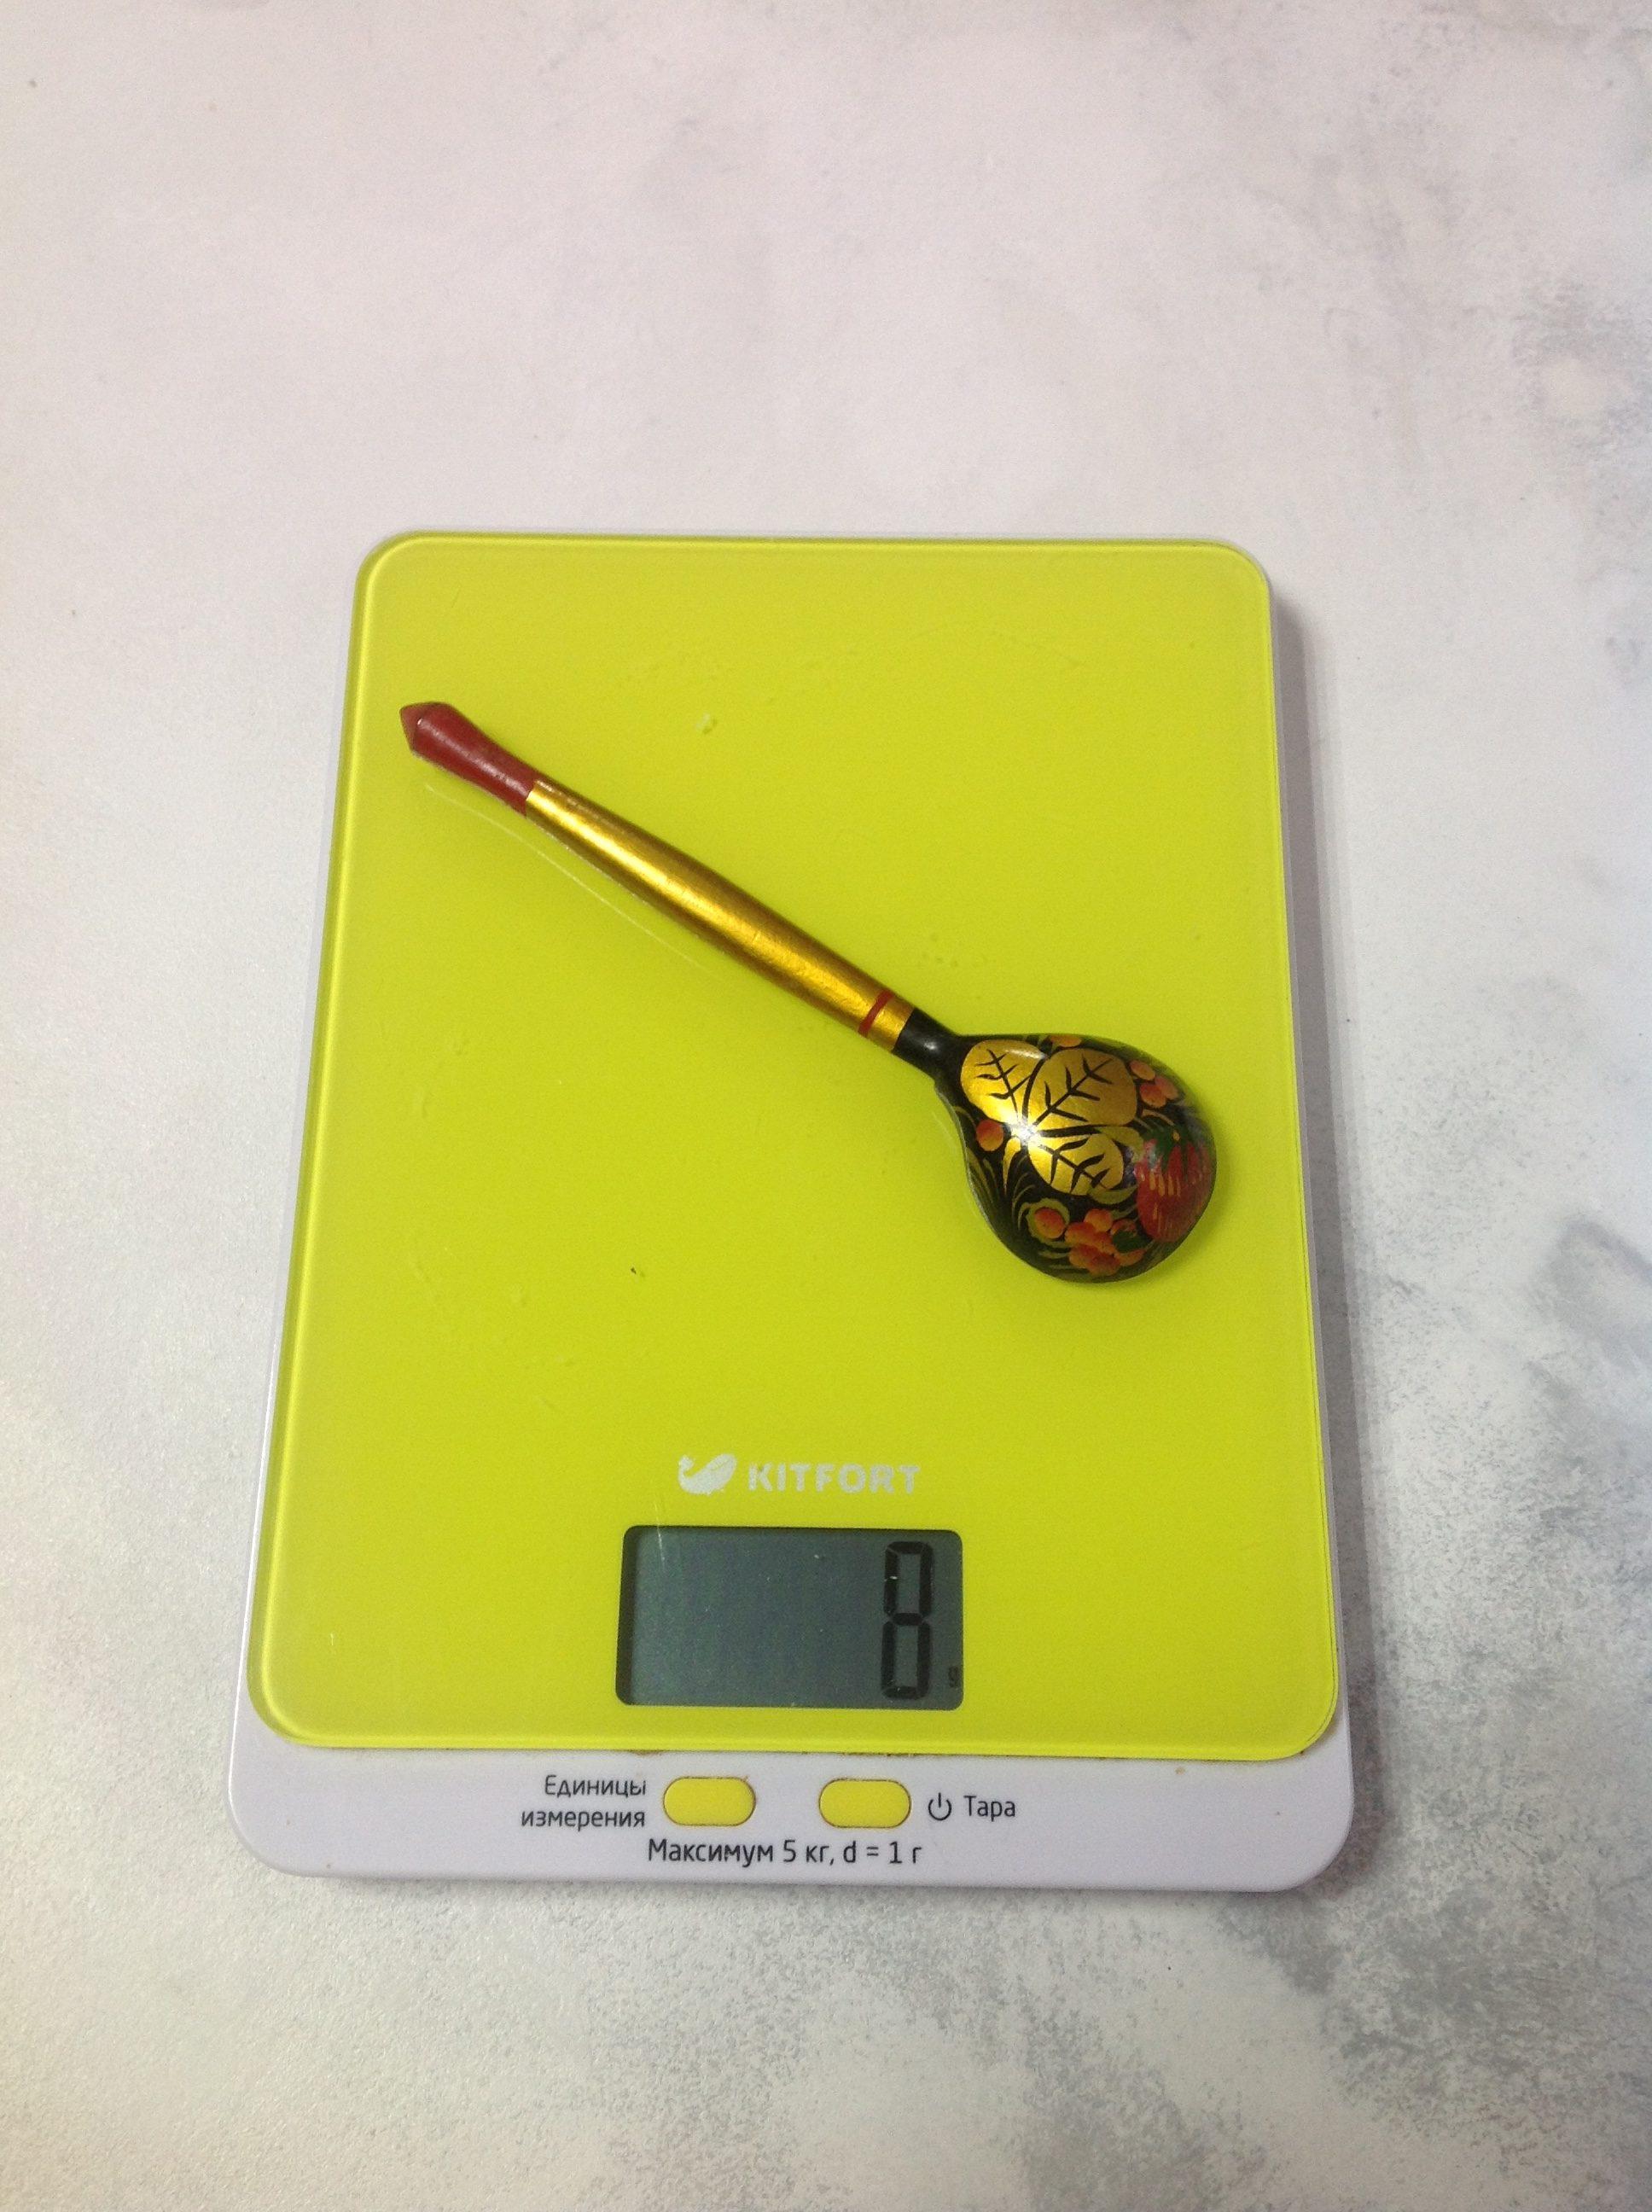 вес деревянной чайной ложки хохлома